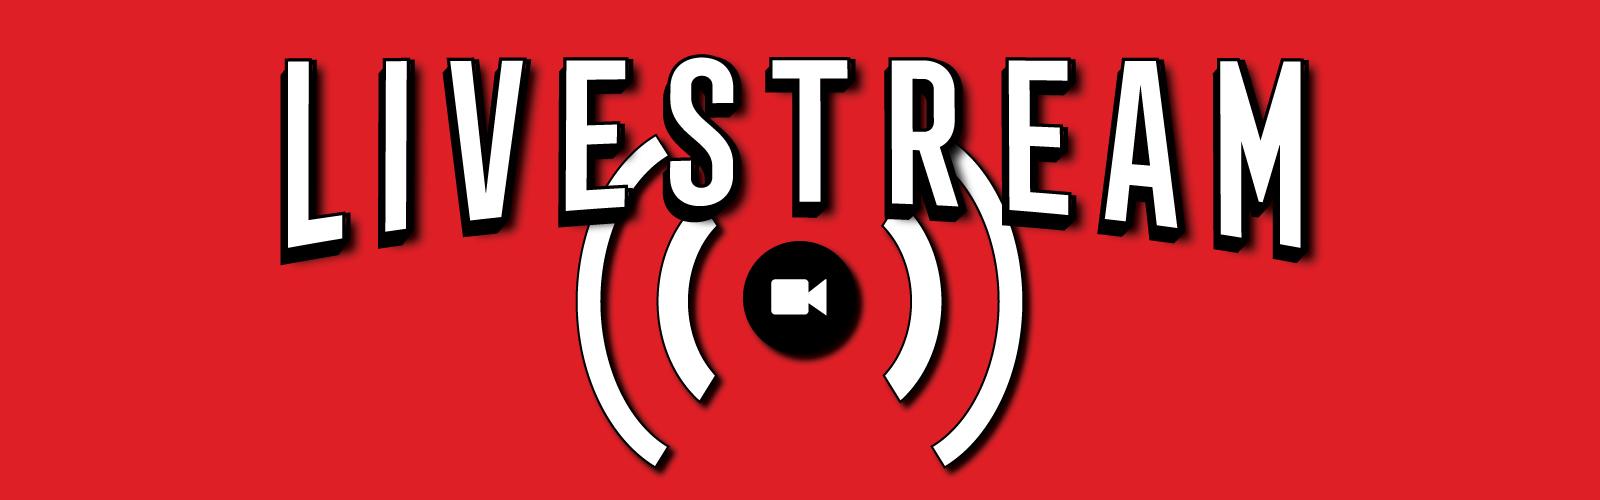 Esc 2021 Livestream